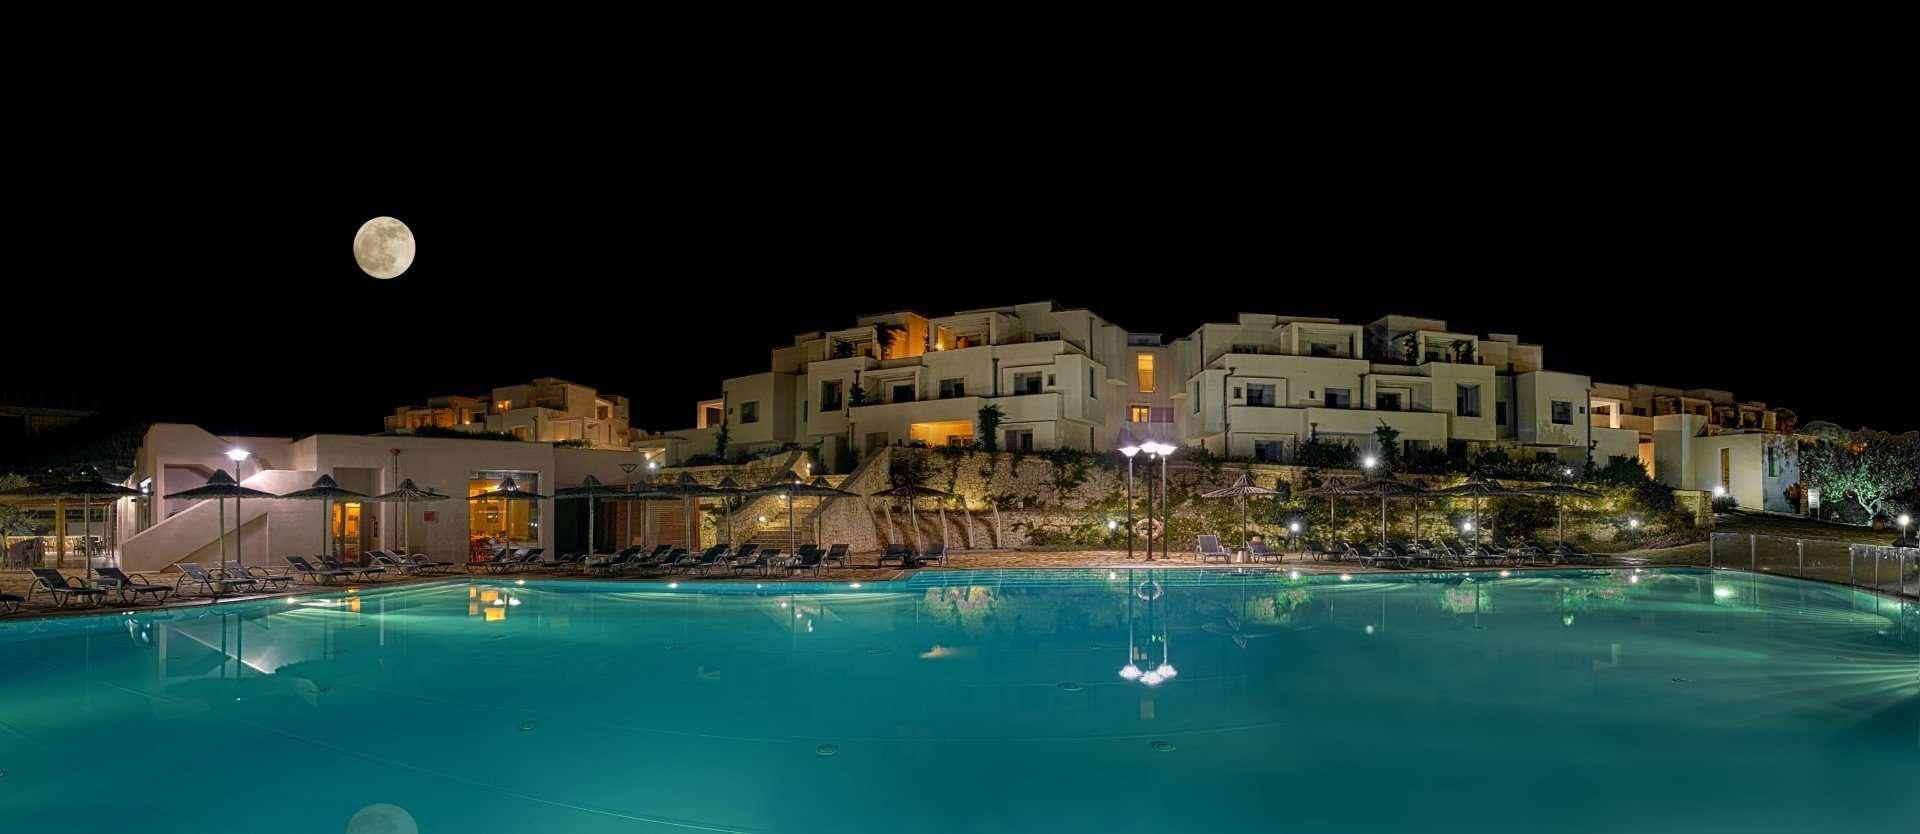 resort basiliani zwembad avond